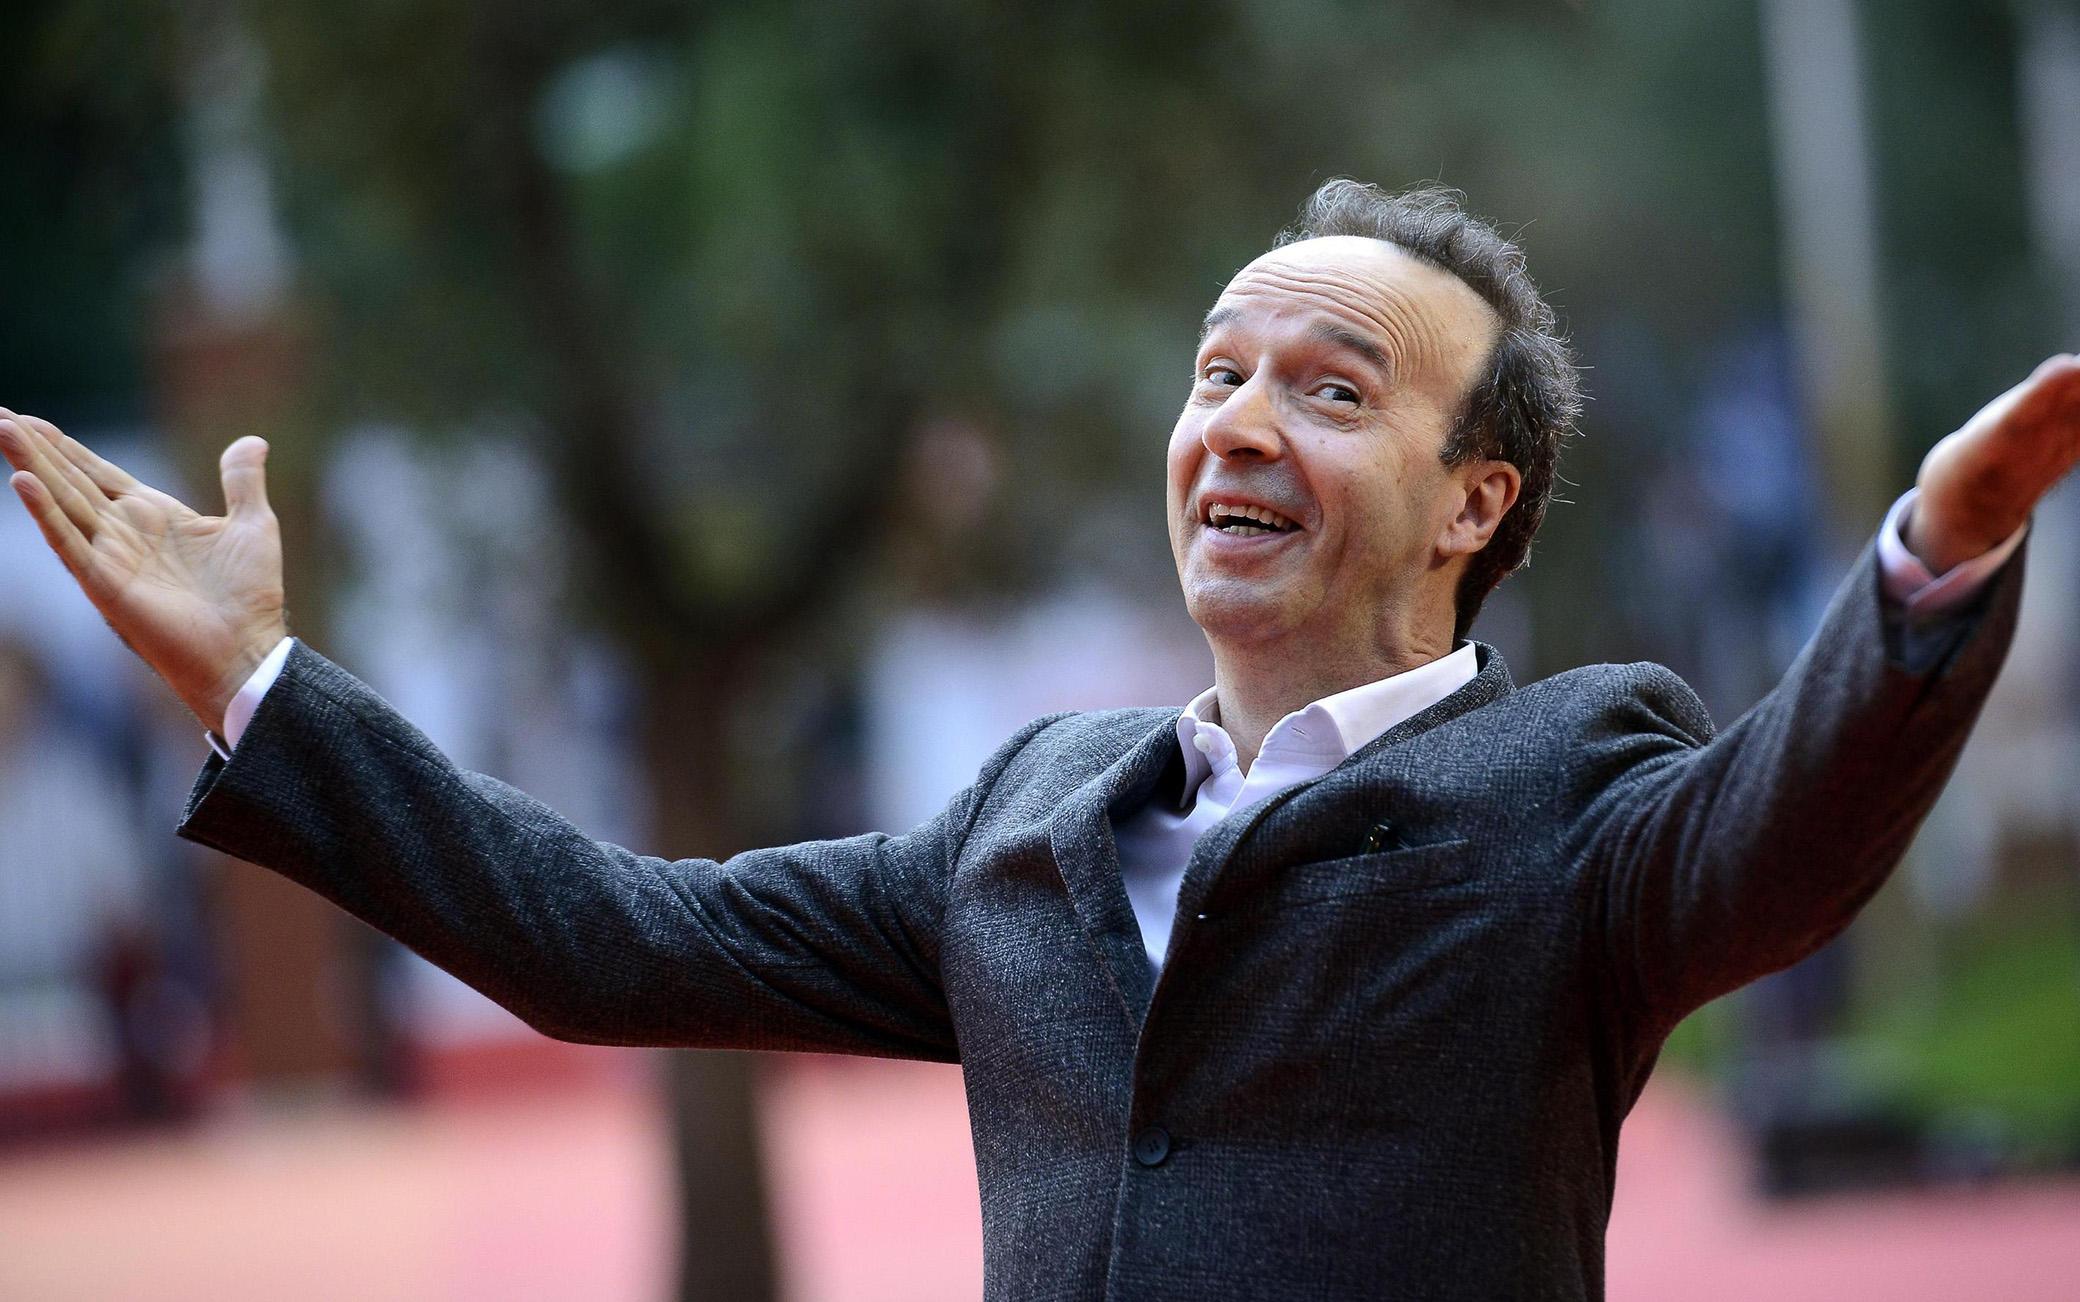 Roberto Benigni Leone d'oro alla carriera alla 78esima Mostra Internazionale d'Arte Cinematografica di Venezia.